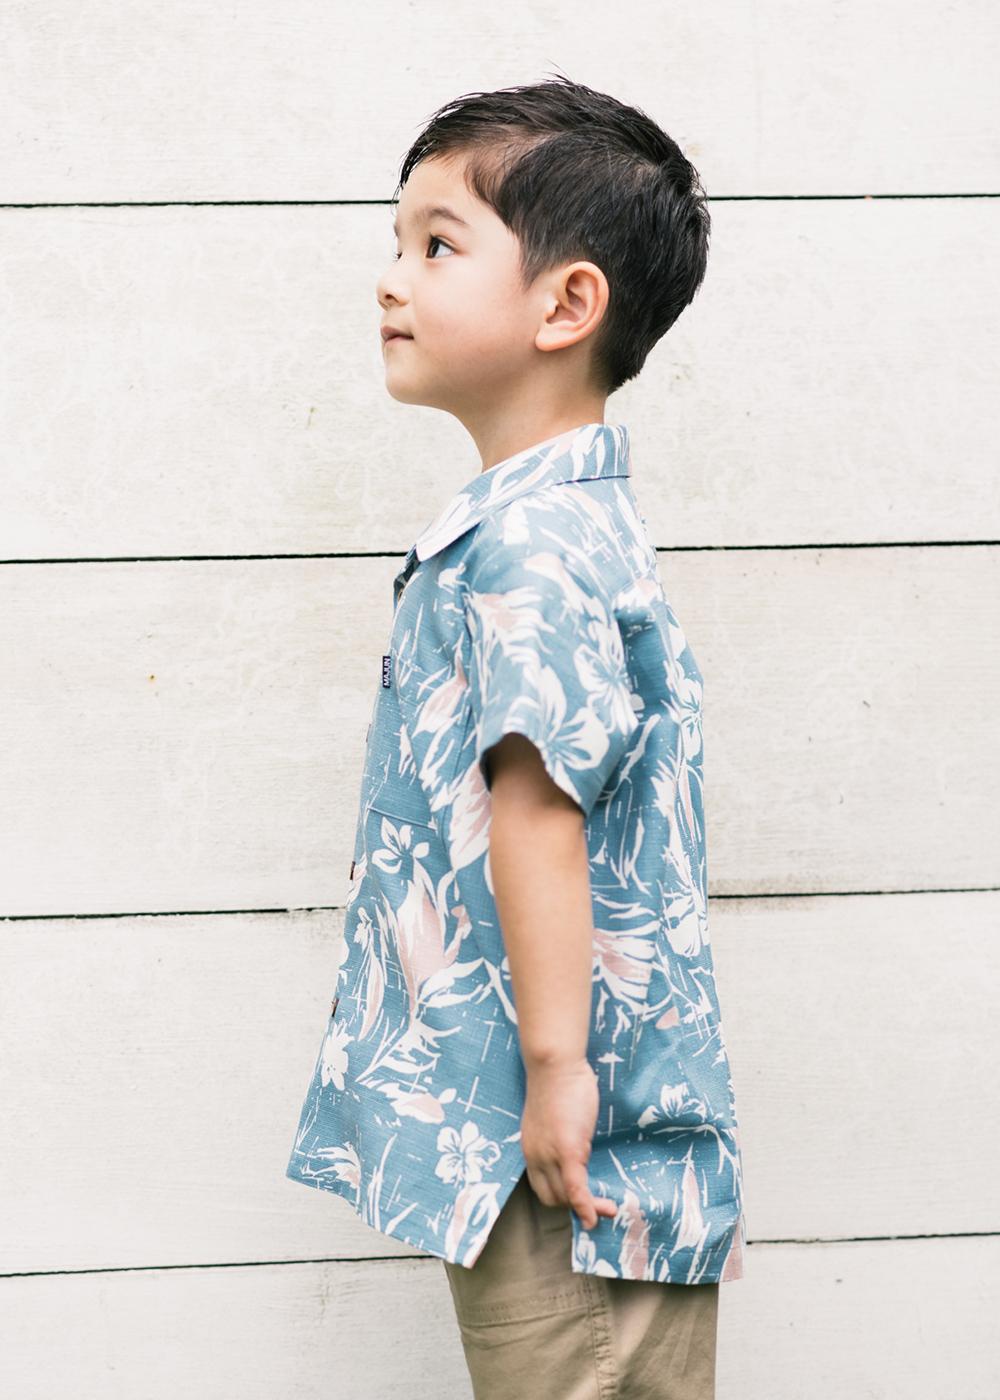 かりゆしウェア(沖縄版アロハシャツ) MAJUN - ミッドサマーブーケ(キッズシャツ)